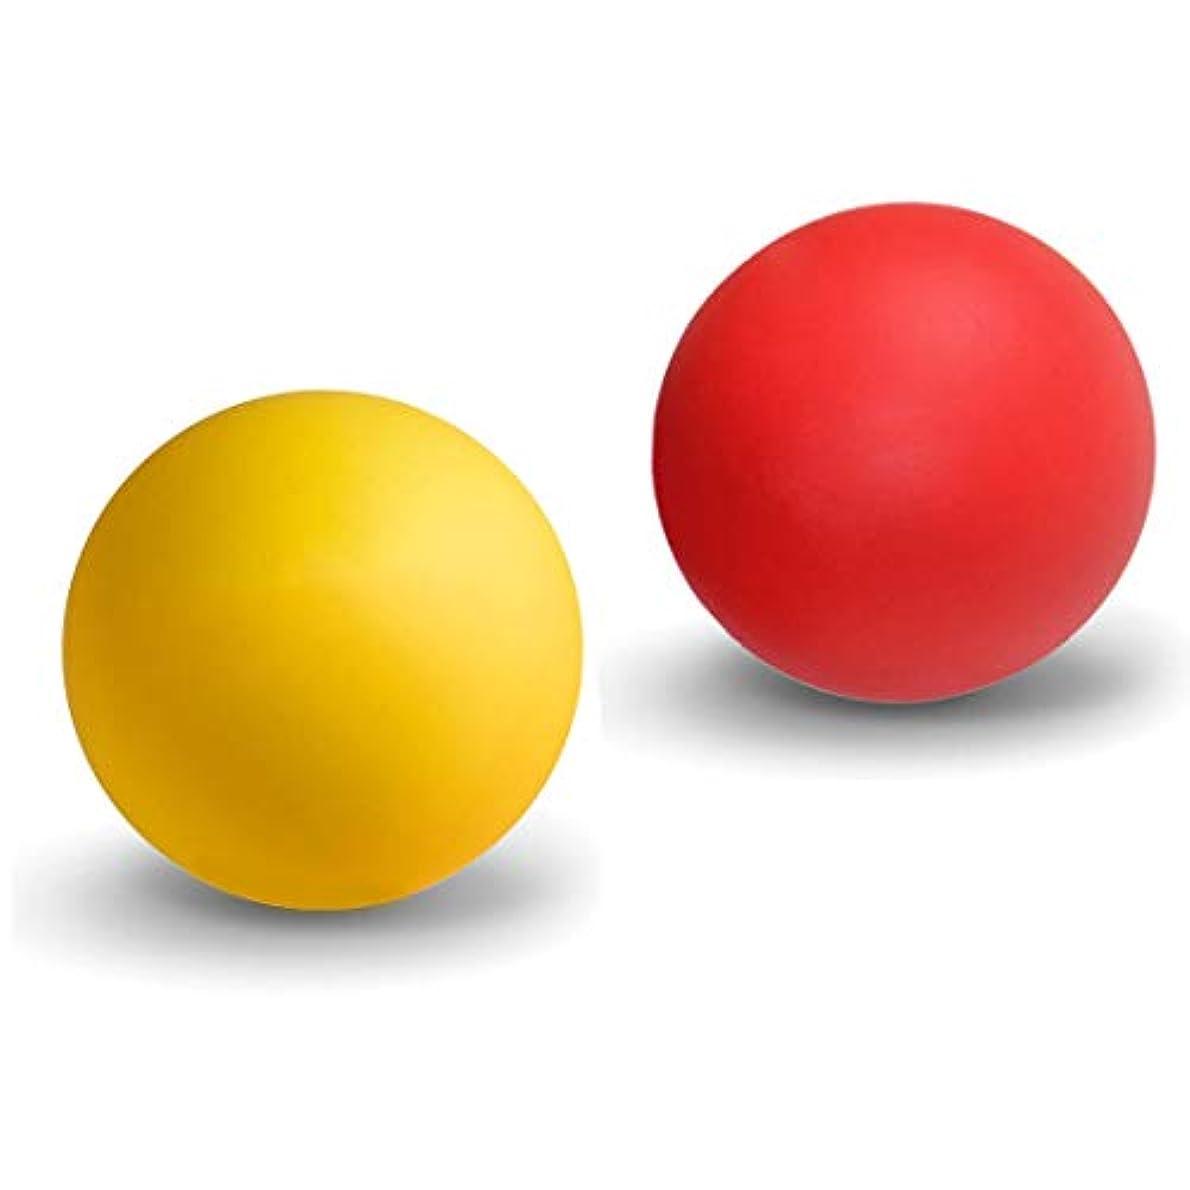 眩惑する下に向けます起こりやすいマッサージボール ストレッチボール トリガーポイント ラクロスボール 筋膜リリース トレーニング 指圧ボールマッスルマッサージボール 背中 肩こり 腰 ふくらはぎ 足裏 ツボ押しグッズ 2で1組み合わせ 2個 セット